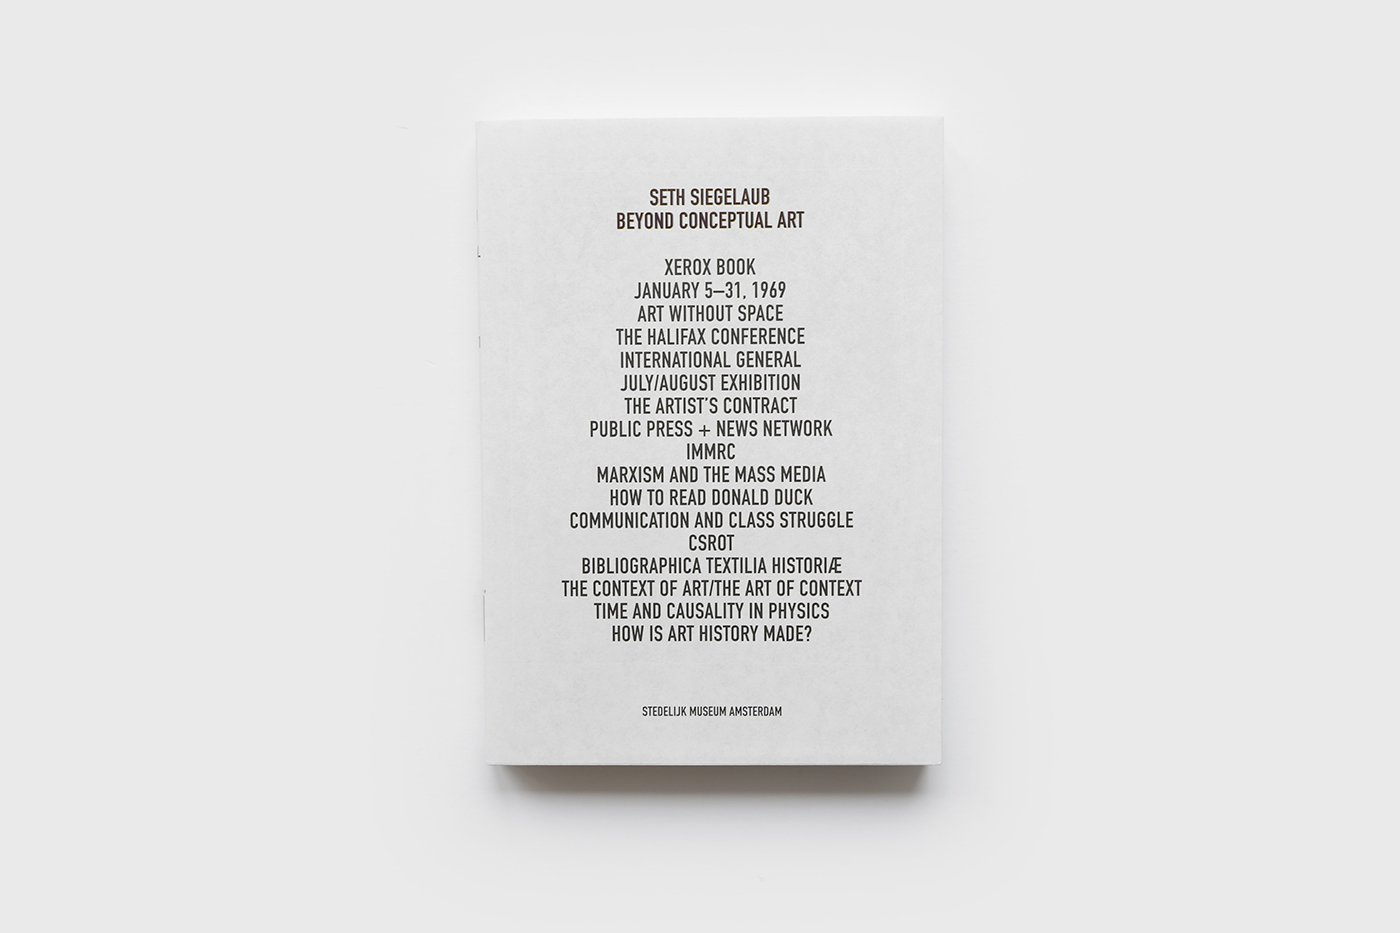 Voorkant 'Beyond Conceptual Art' door Seth Siegelaub. De Monsterkamer - Een interview met Tariq Heijboer